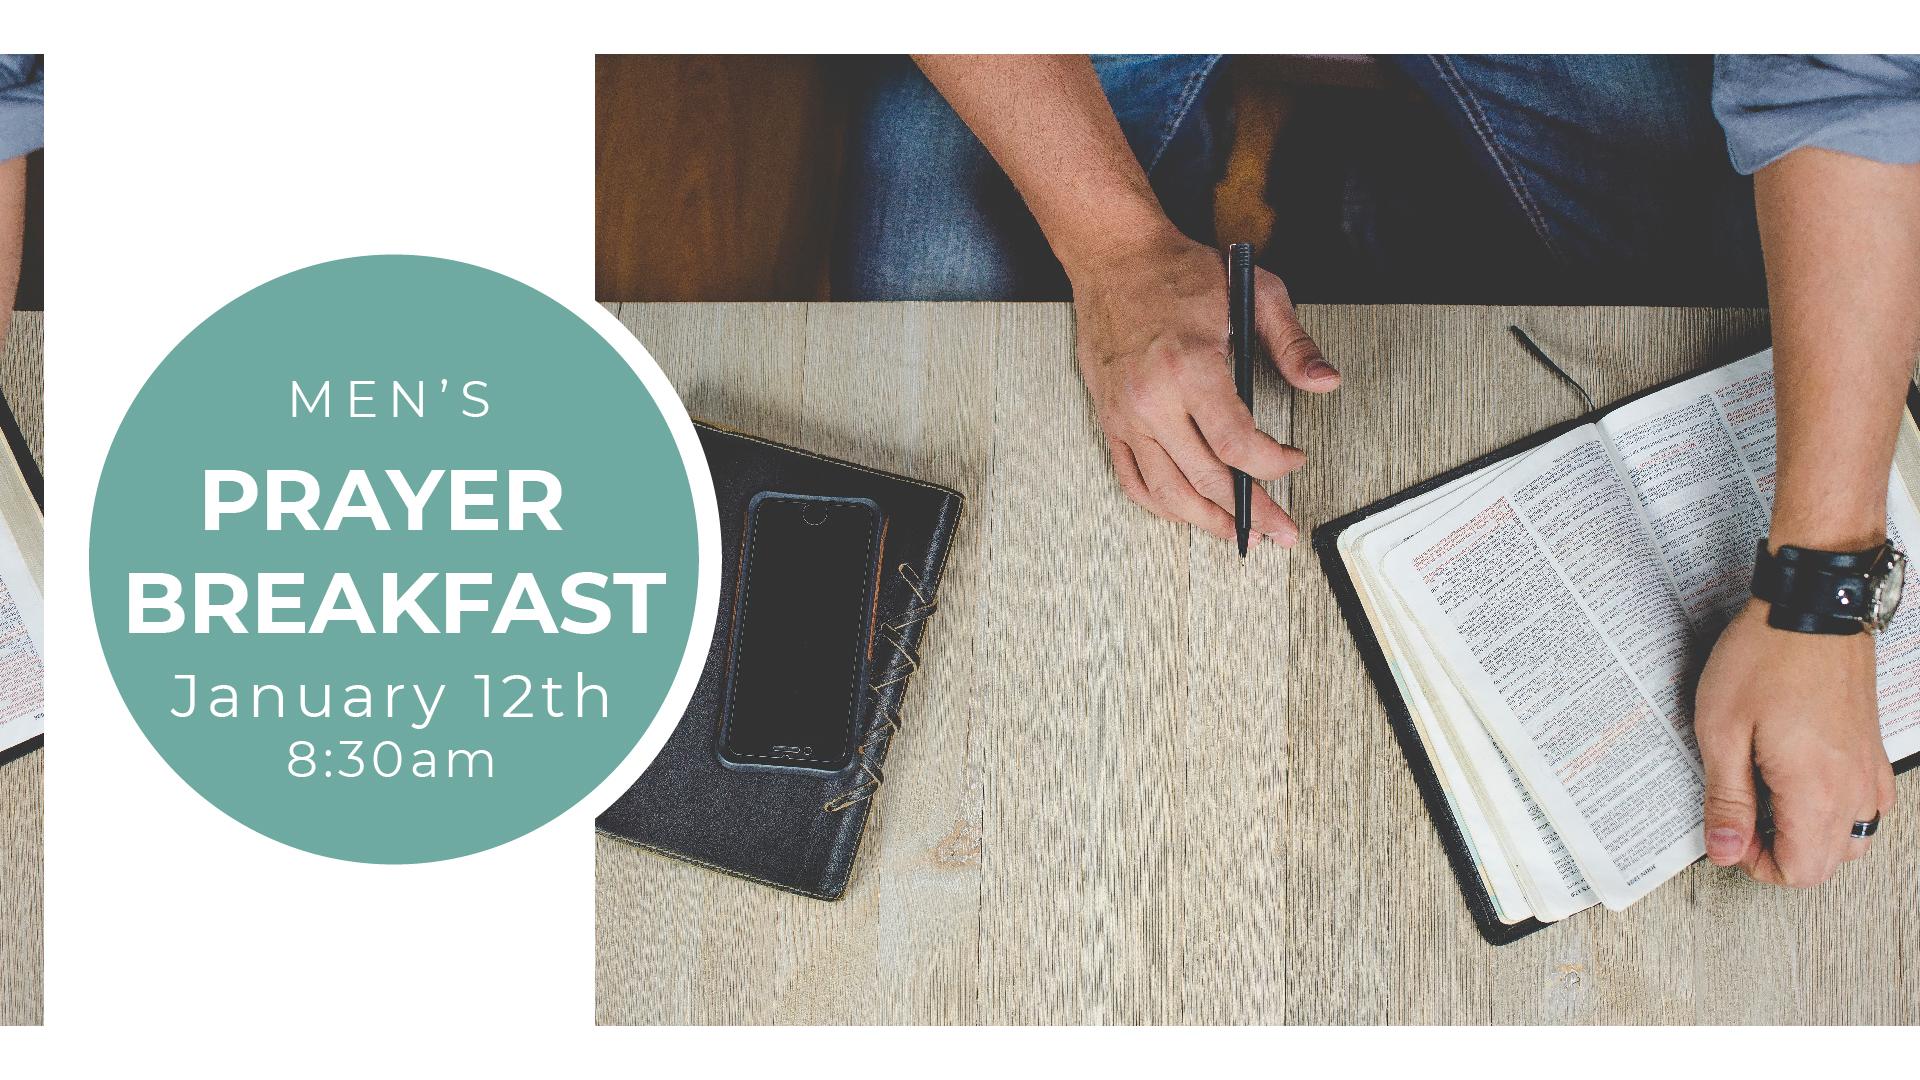 Men's Prayer Breakfast 1-12-19.jpg